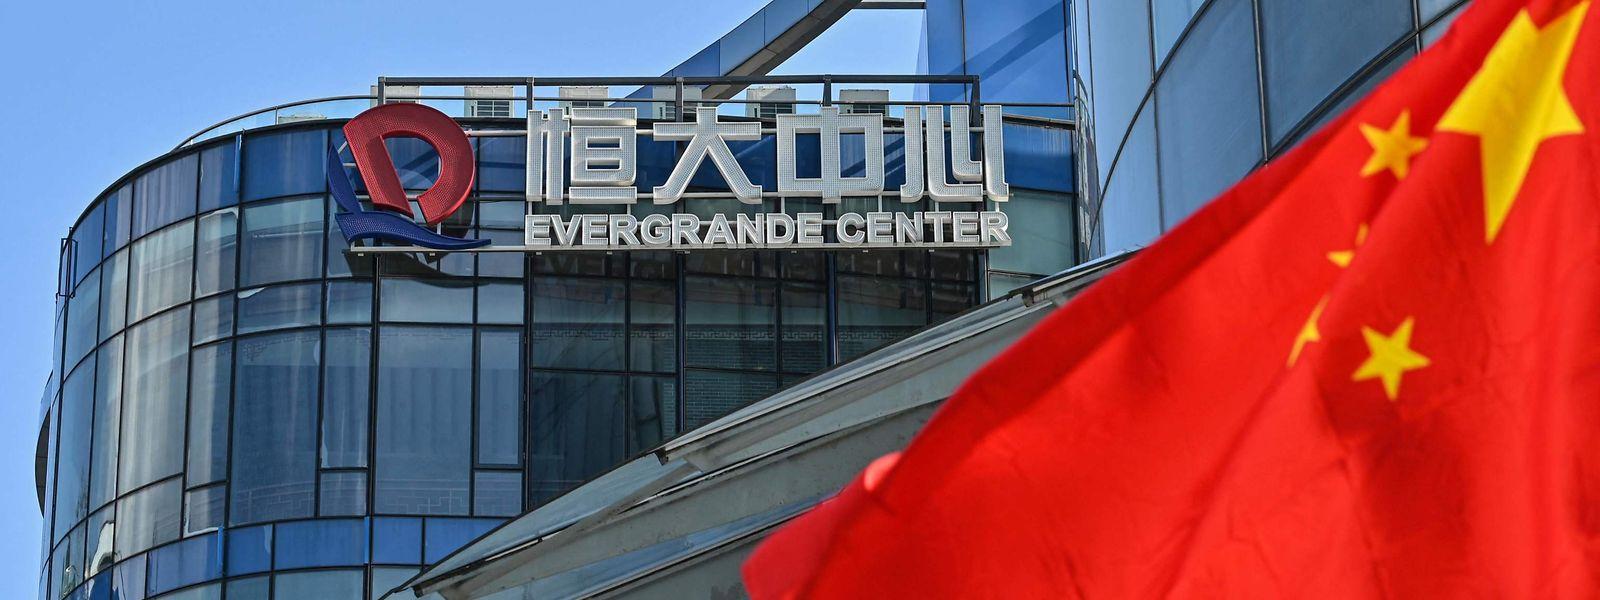 Evergrande hat Schulden von umgerechnet mehr als 256 Milliarden Euro angehäuft. Anleger befürchten einen Zahlungsausfall.